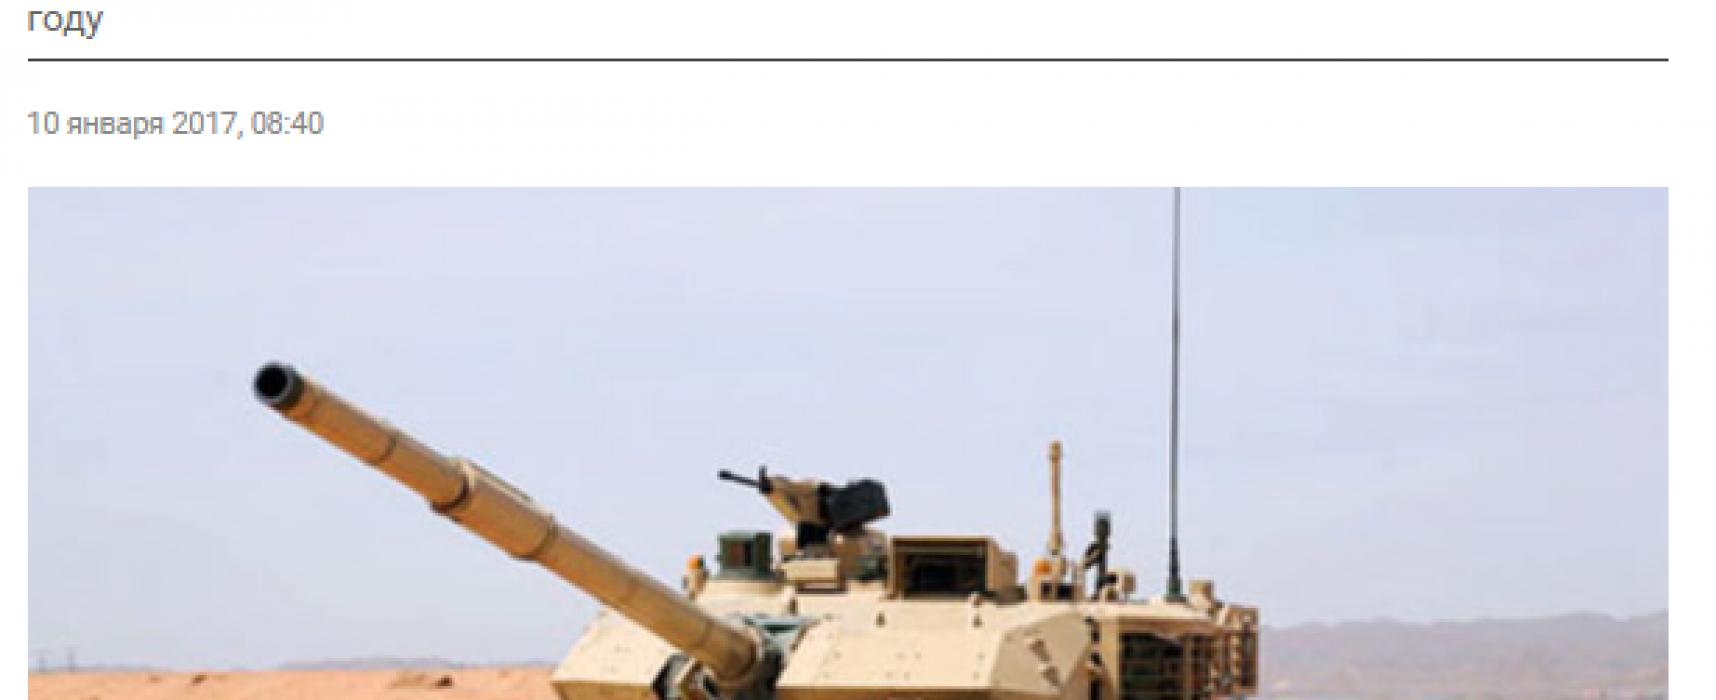 Украинский производитель танков не подтверждает разрыв контракта с Таиландом